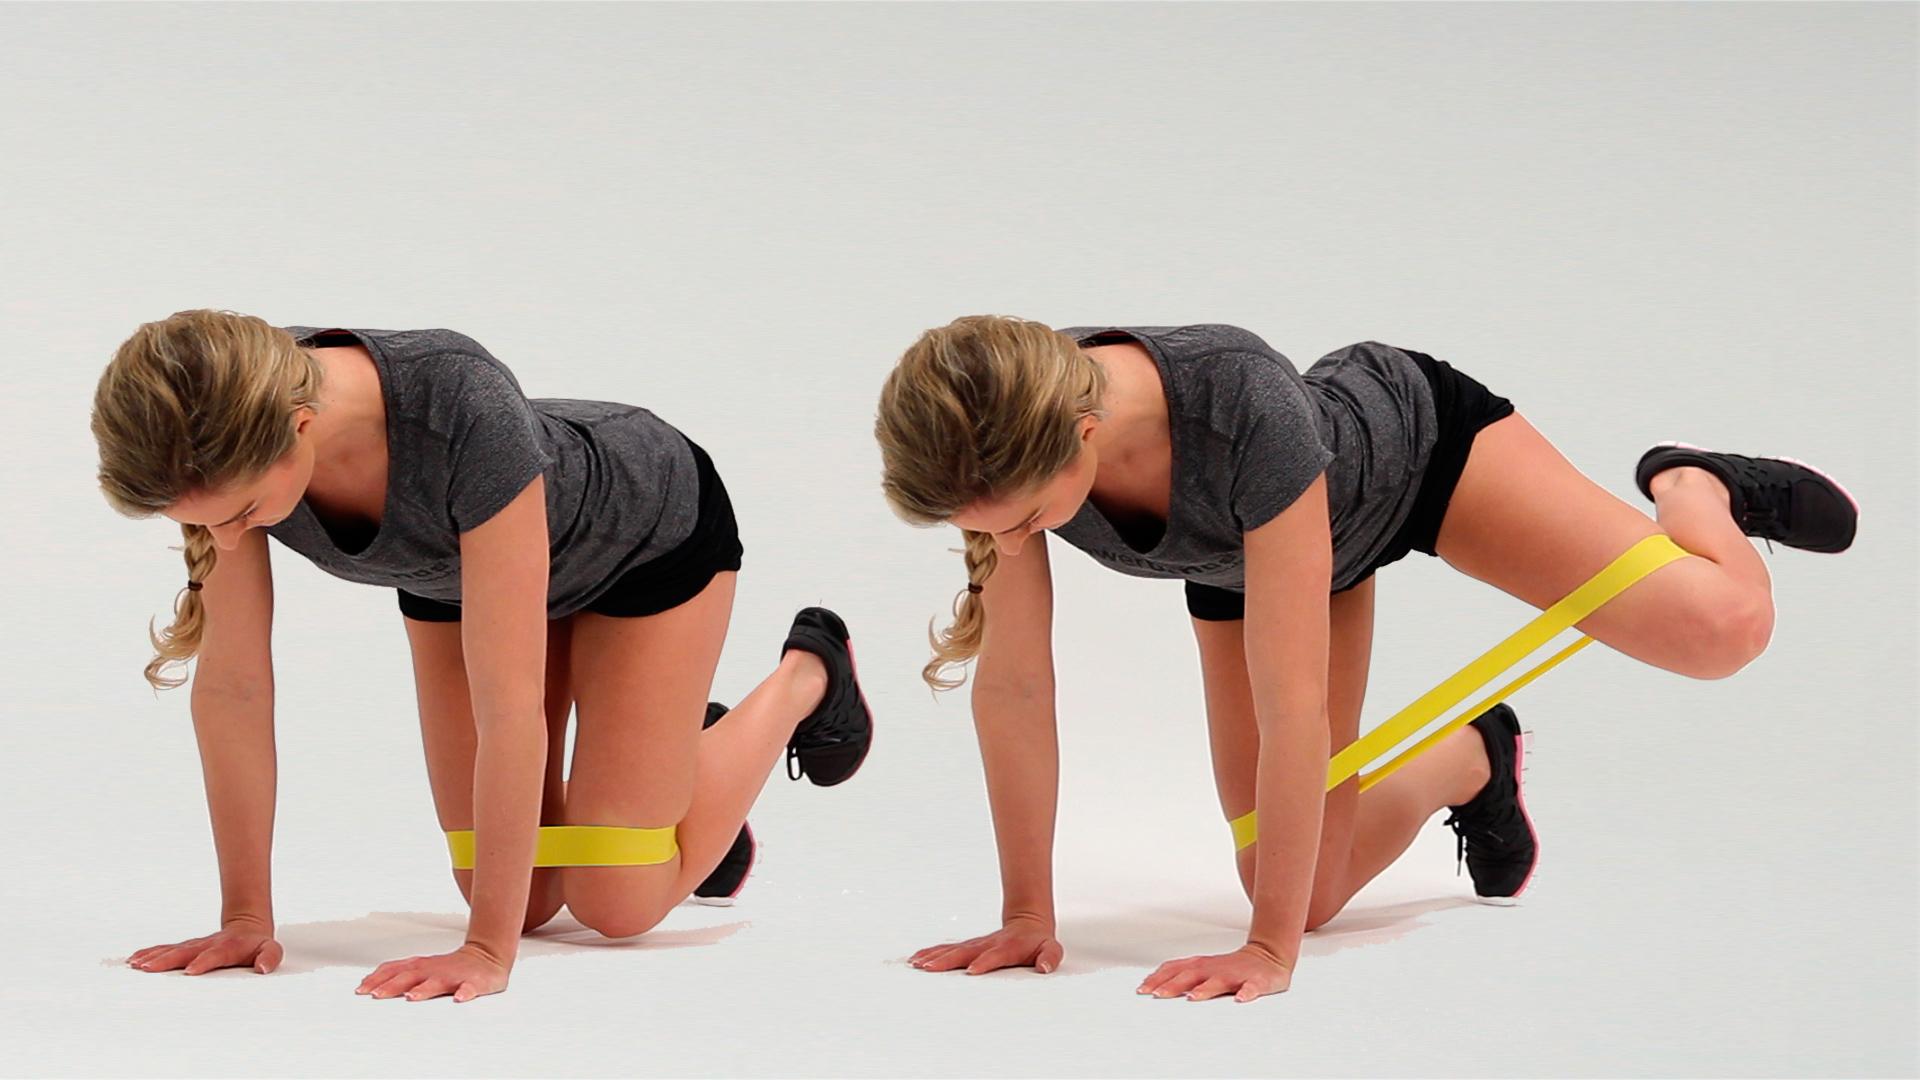 Комплекс упражнений с фитнес резинкой для ягодиц в домашних условиях